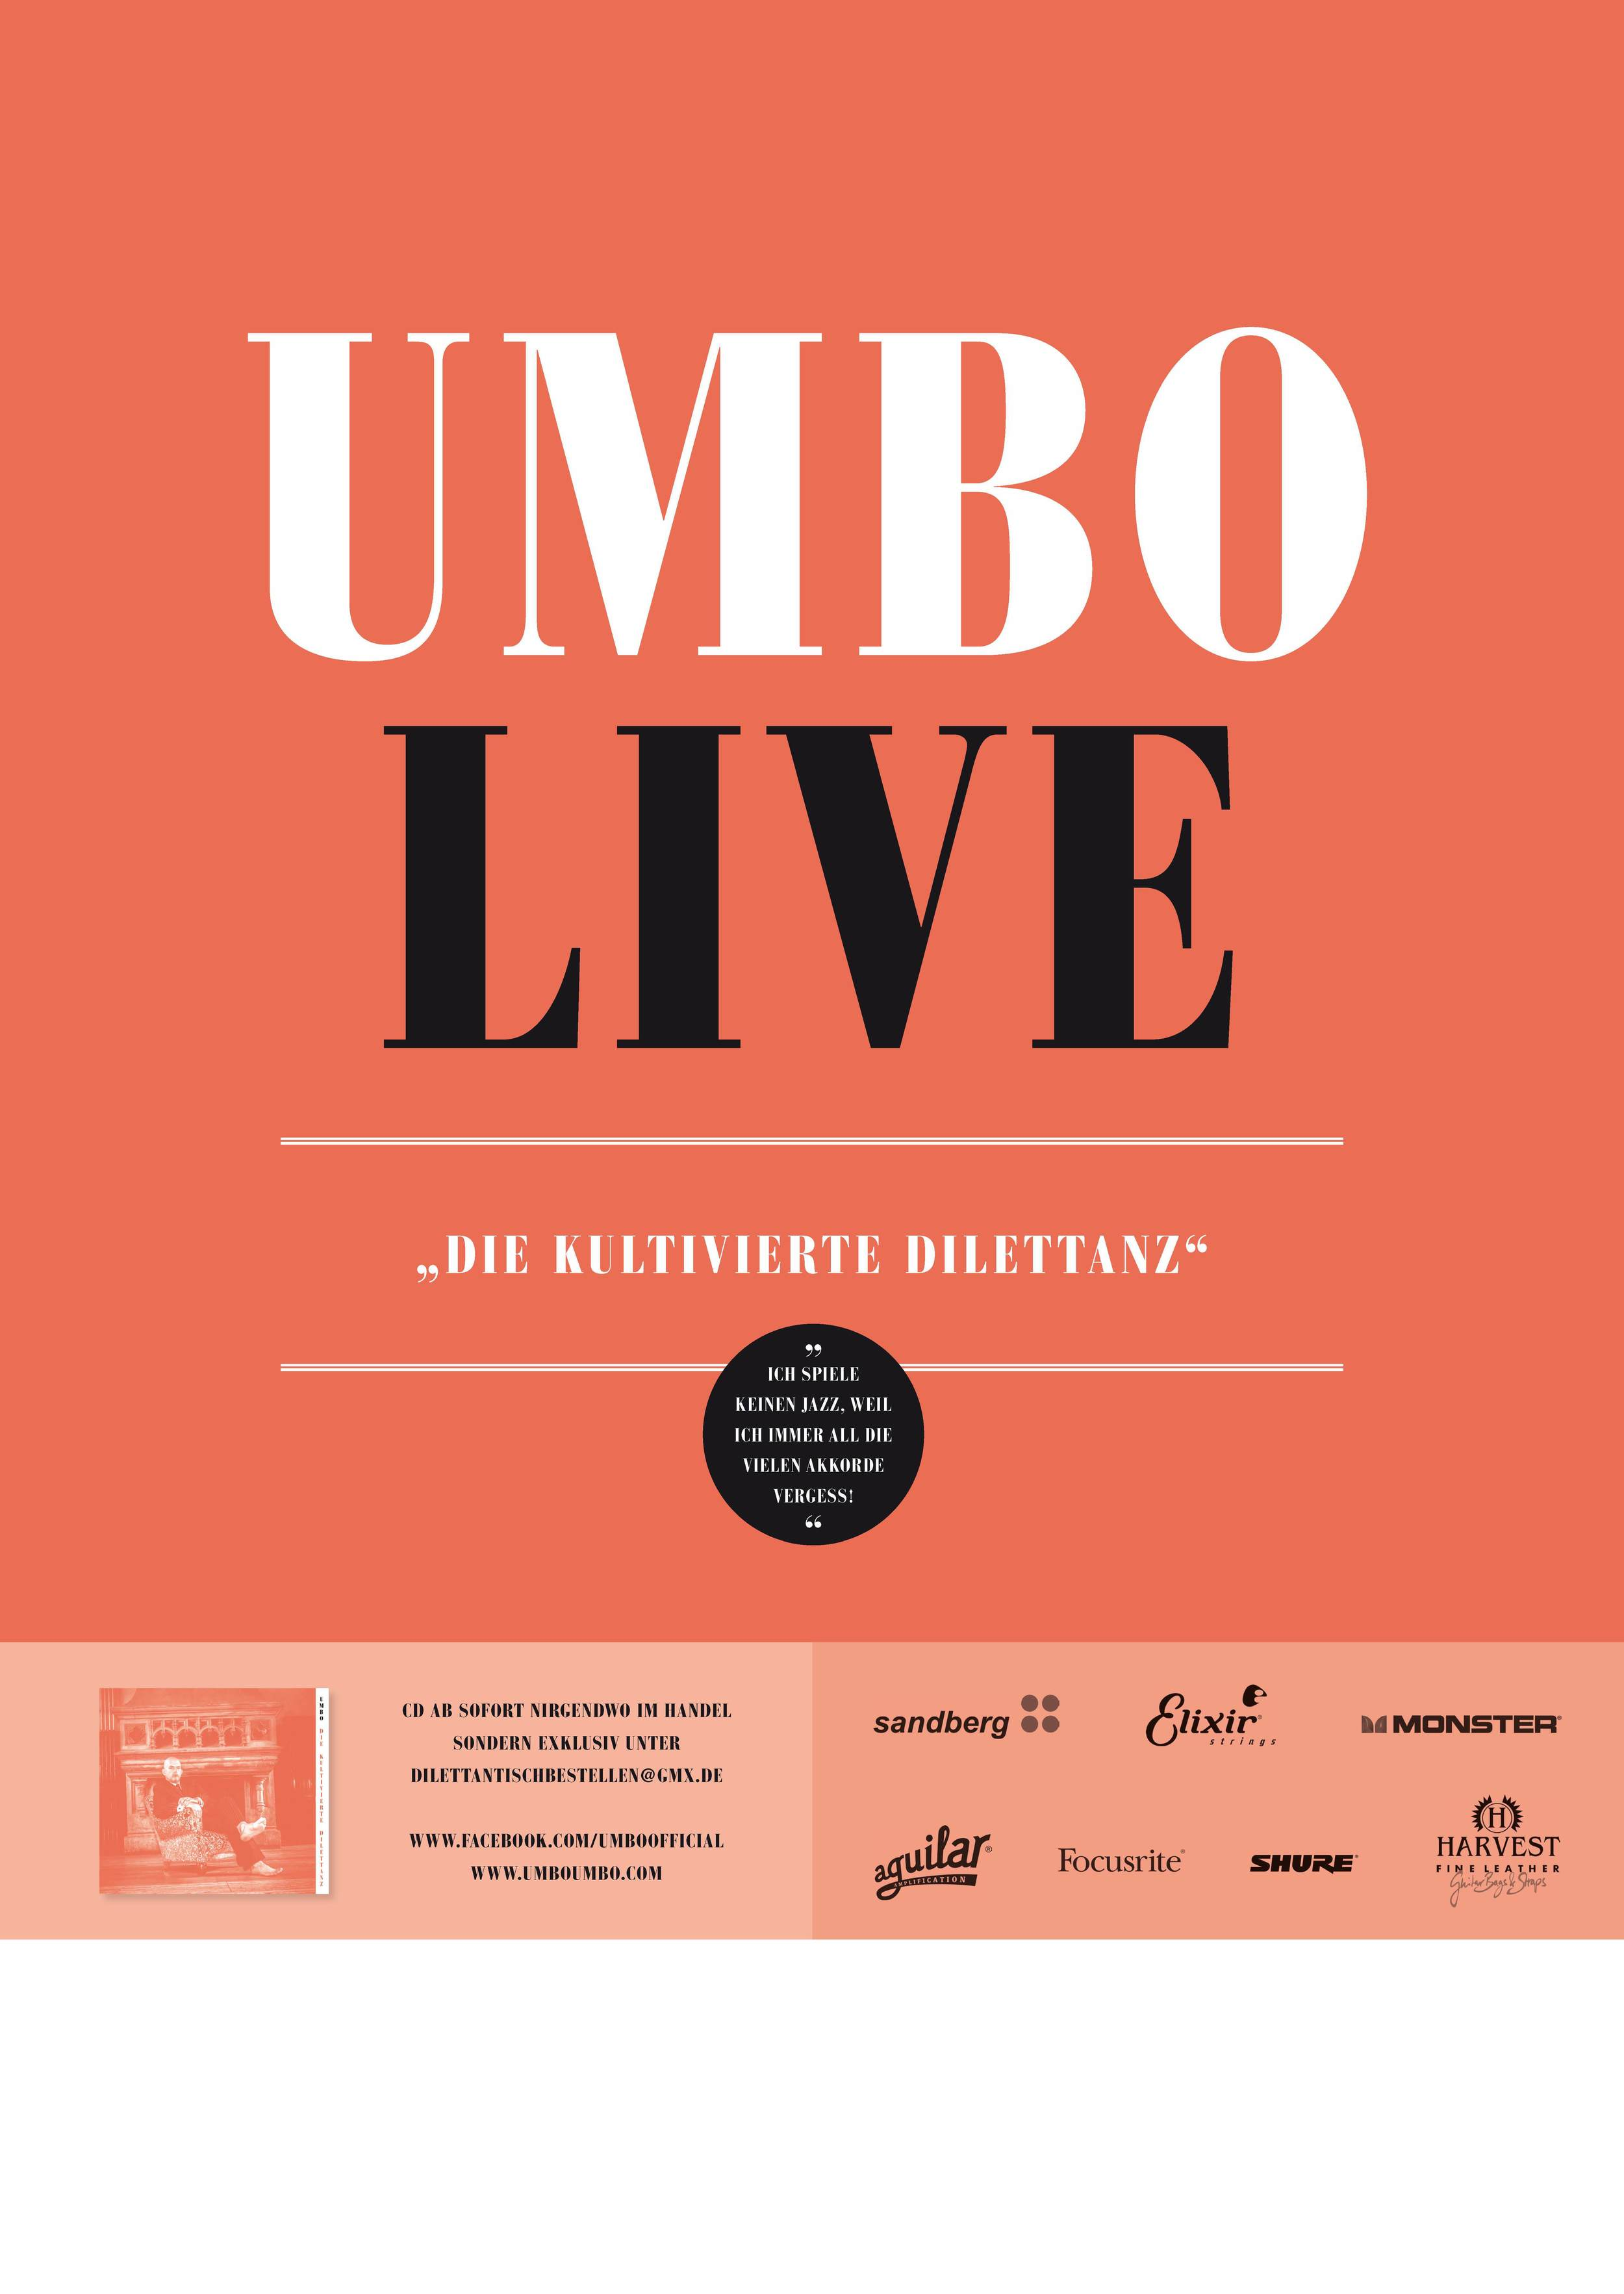 UMBO Tourplakat.jpg